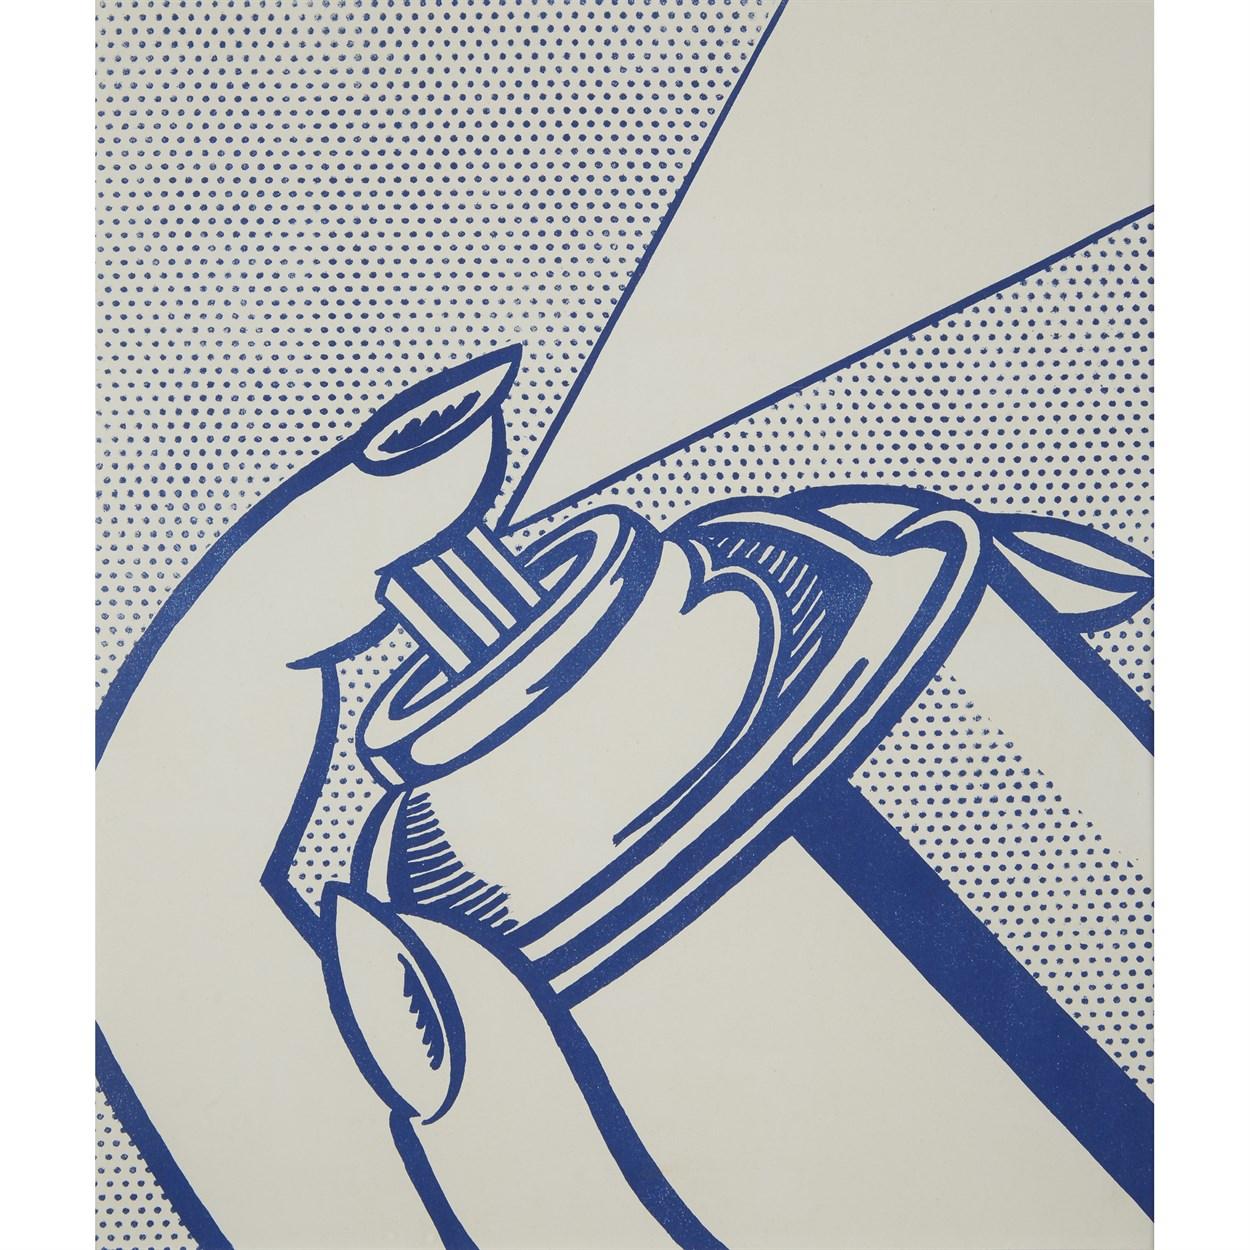 Lot 85 - Roy Lichtenstein (American, 1923-1997)